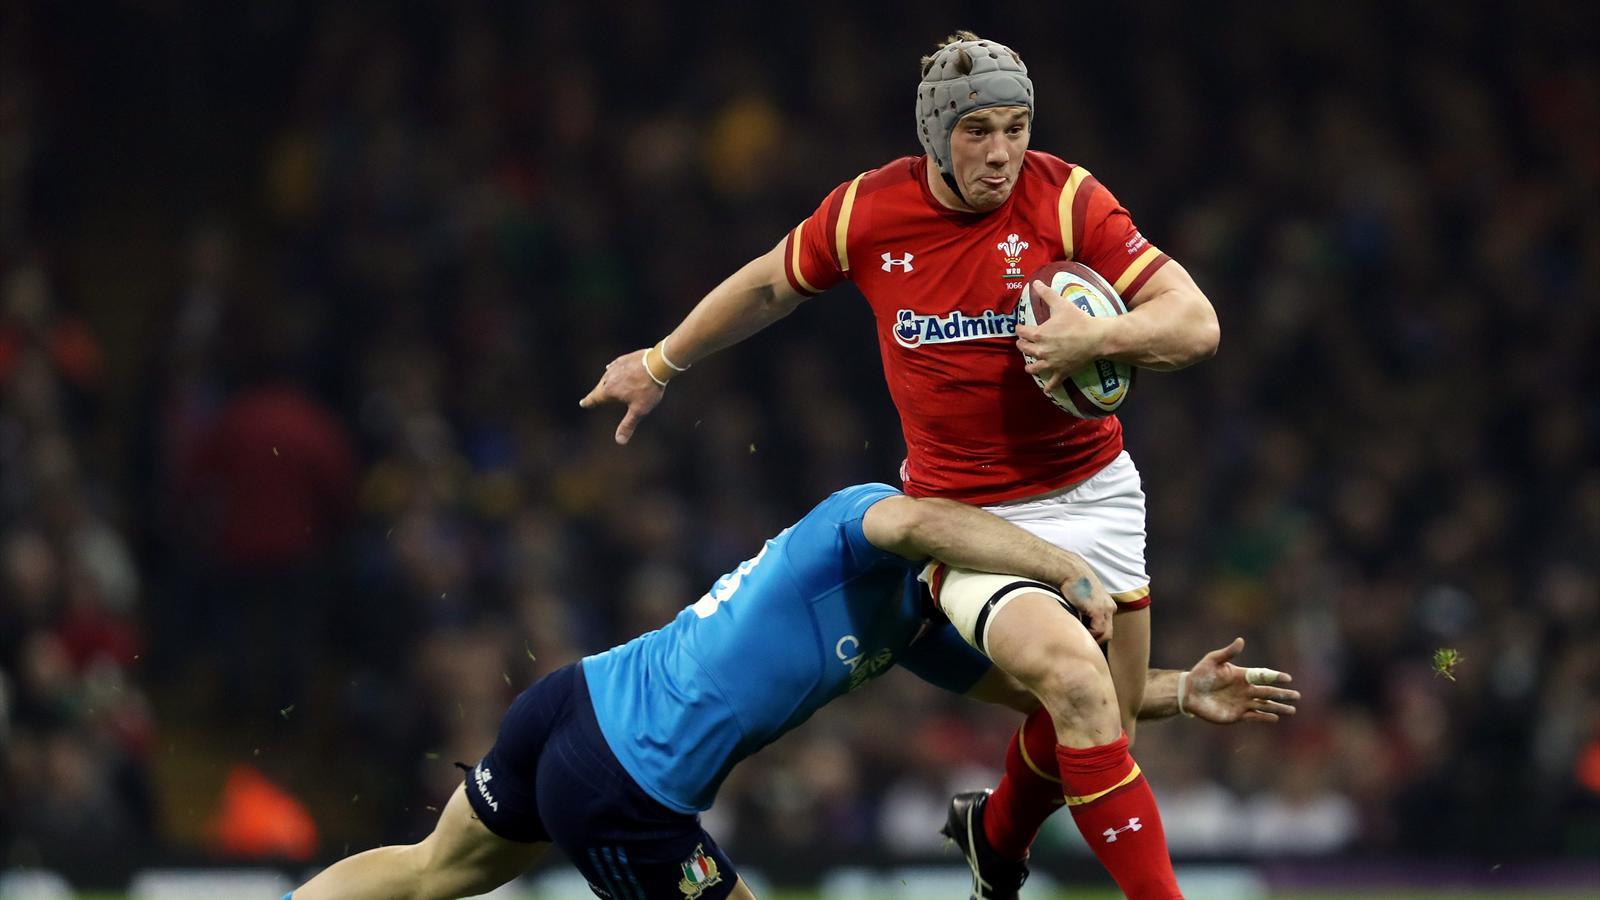 Jonathan Davies (pays de Galles) face à l'Italie - 19 mars 2016